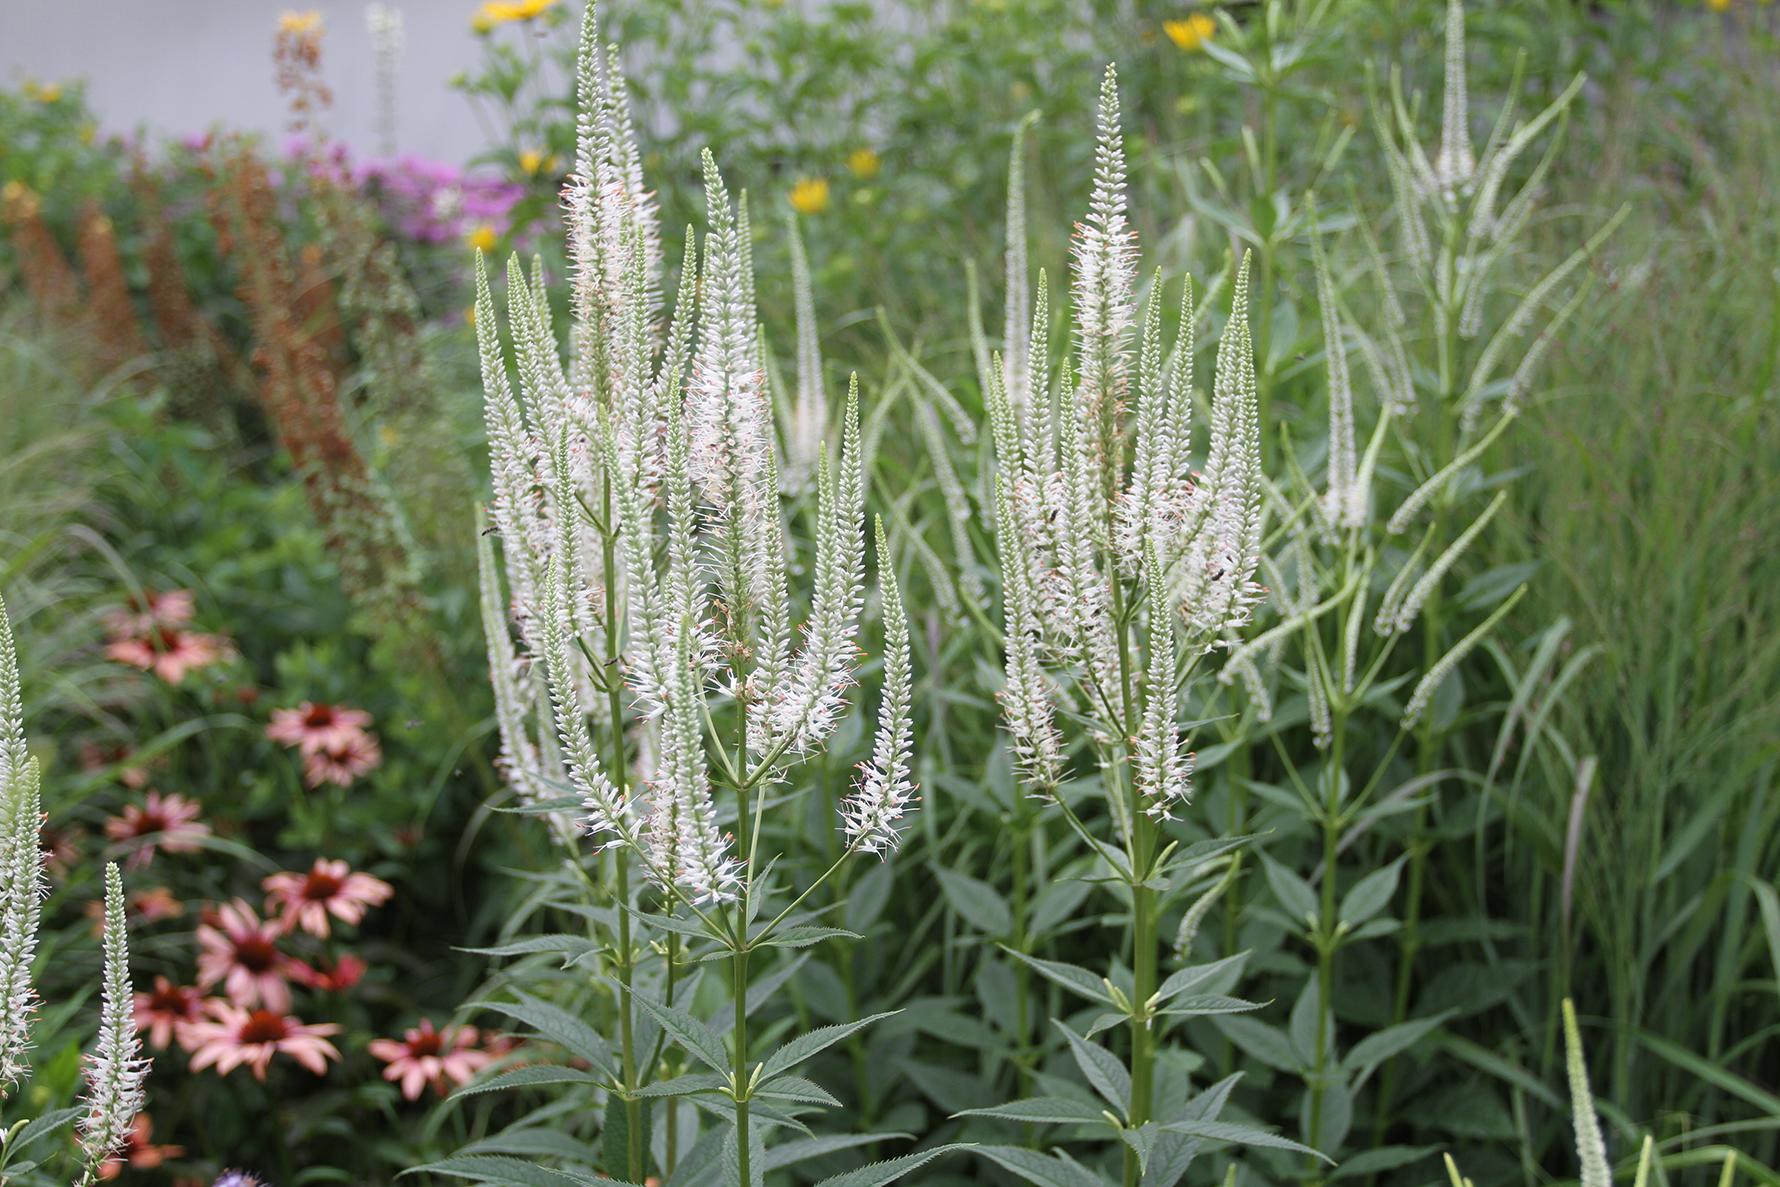 long white stalks of plants